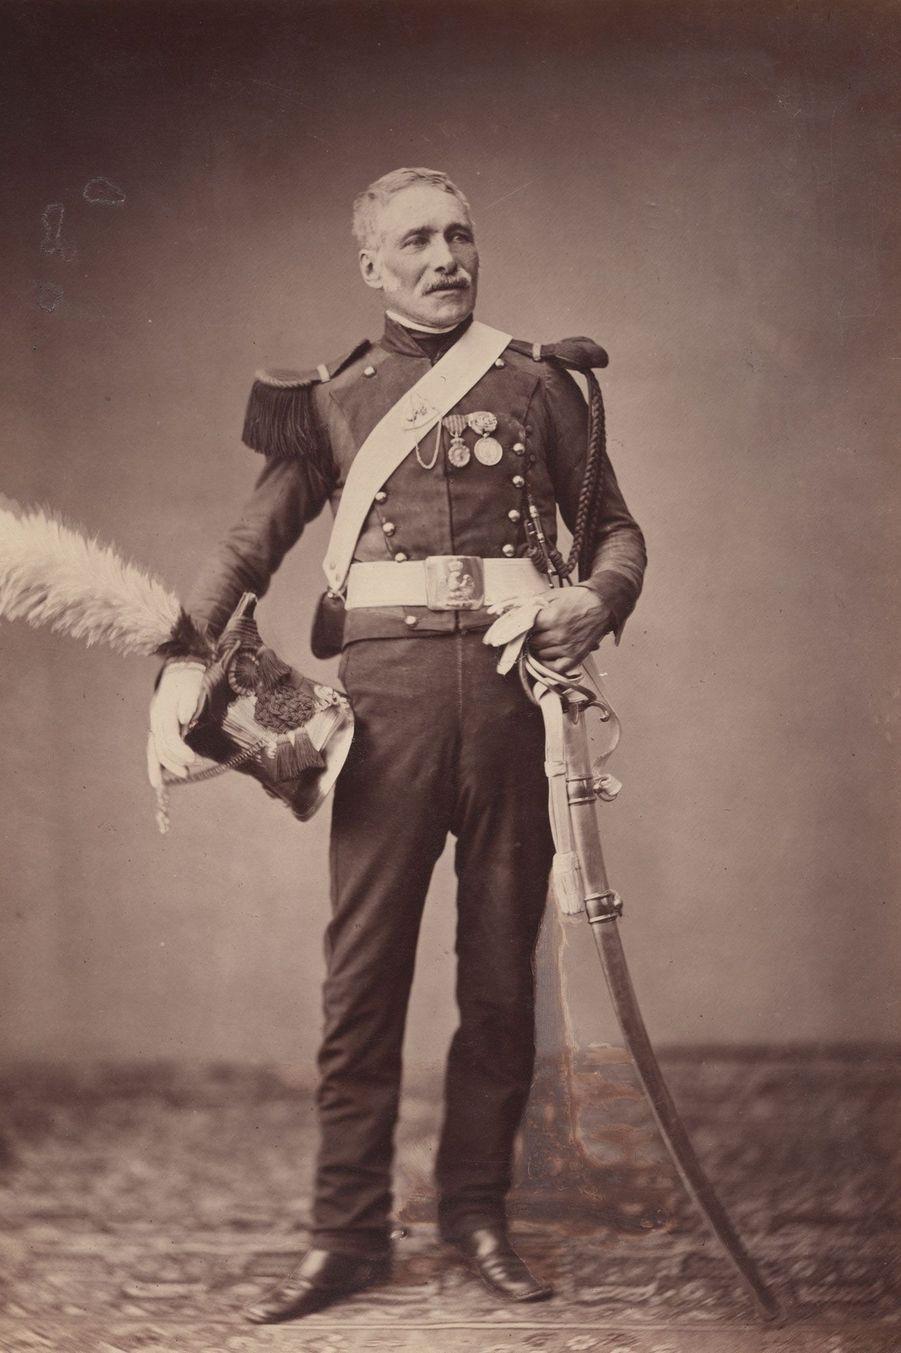 Le lancier. Monsieur Dreuze veillait dans la deuxième division de cavalerie légère. Il porte deux pistolets, un mousqueton, et une lance.